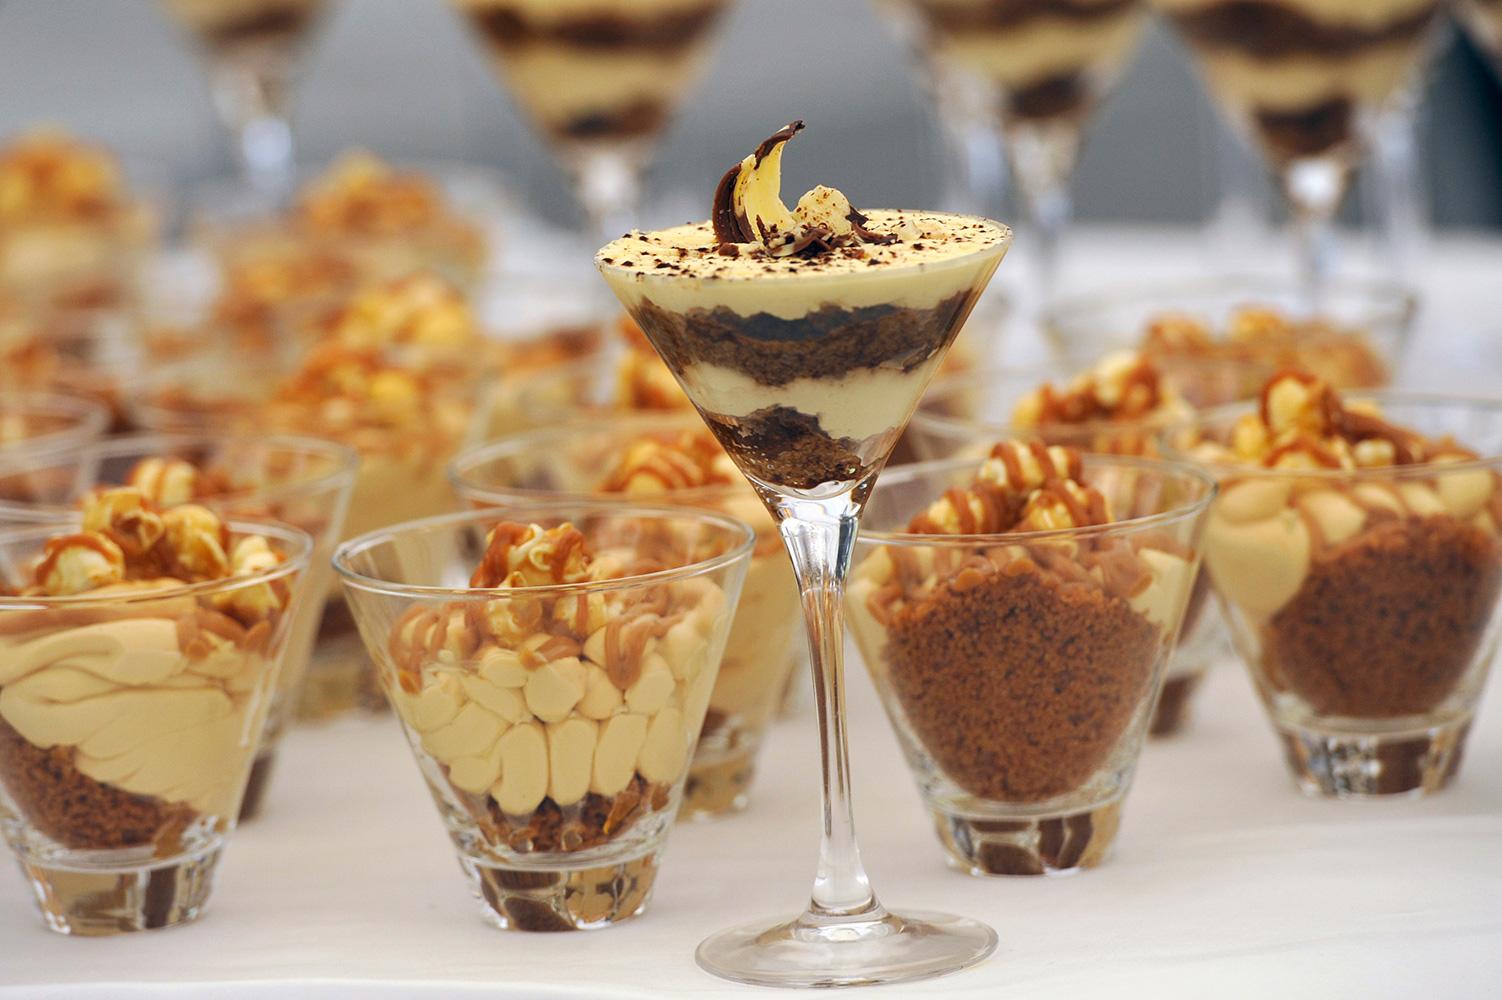 Desserts in glasses